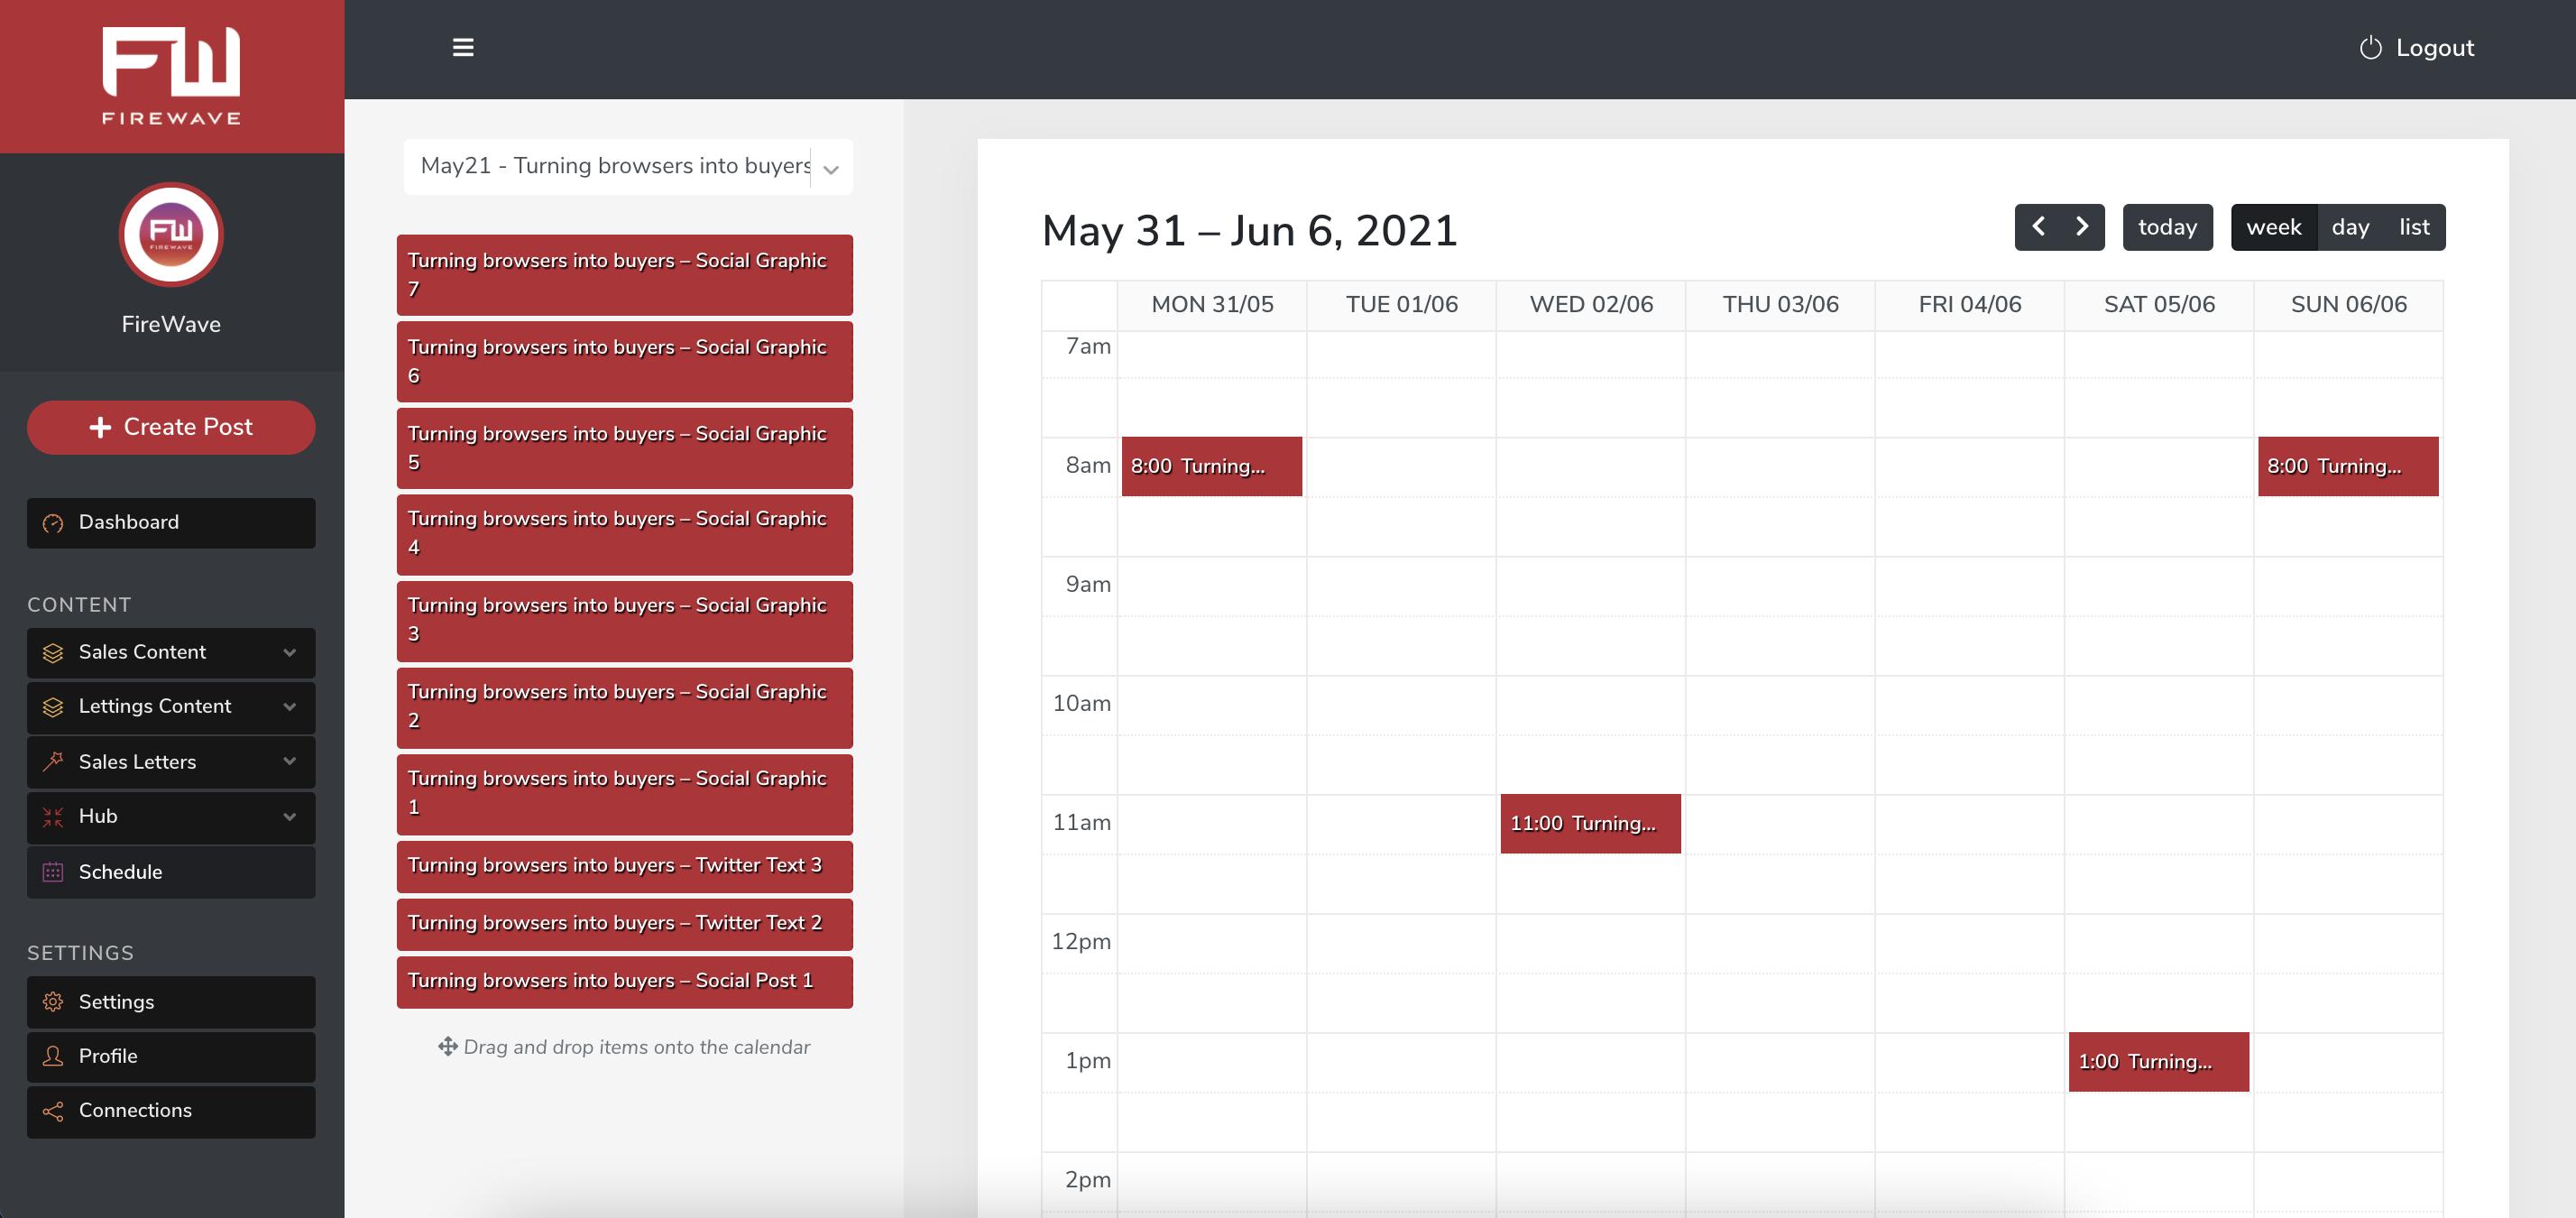 FW platform - schedule